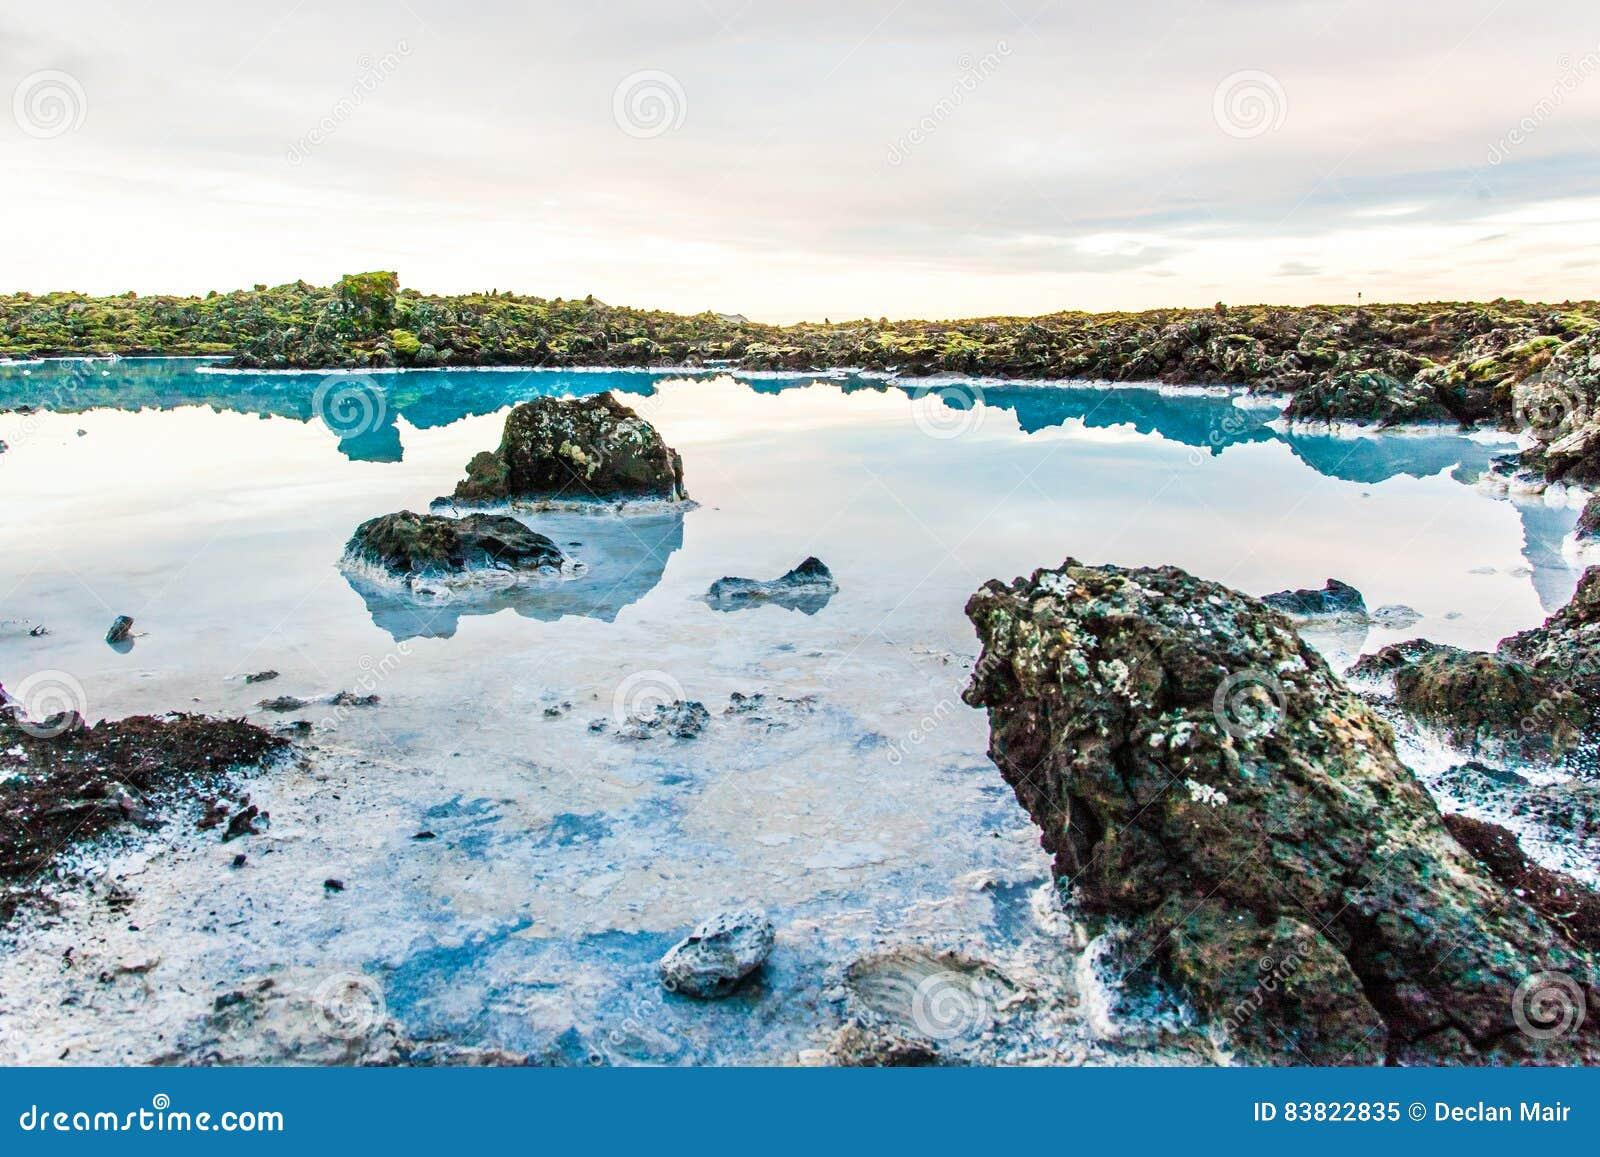 Μπλε περιοχή λιμνοθαλασσών κοντά στο Ρέικιαβικ, Ισλανδία